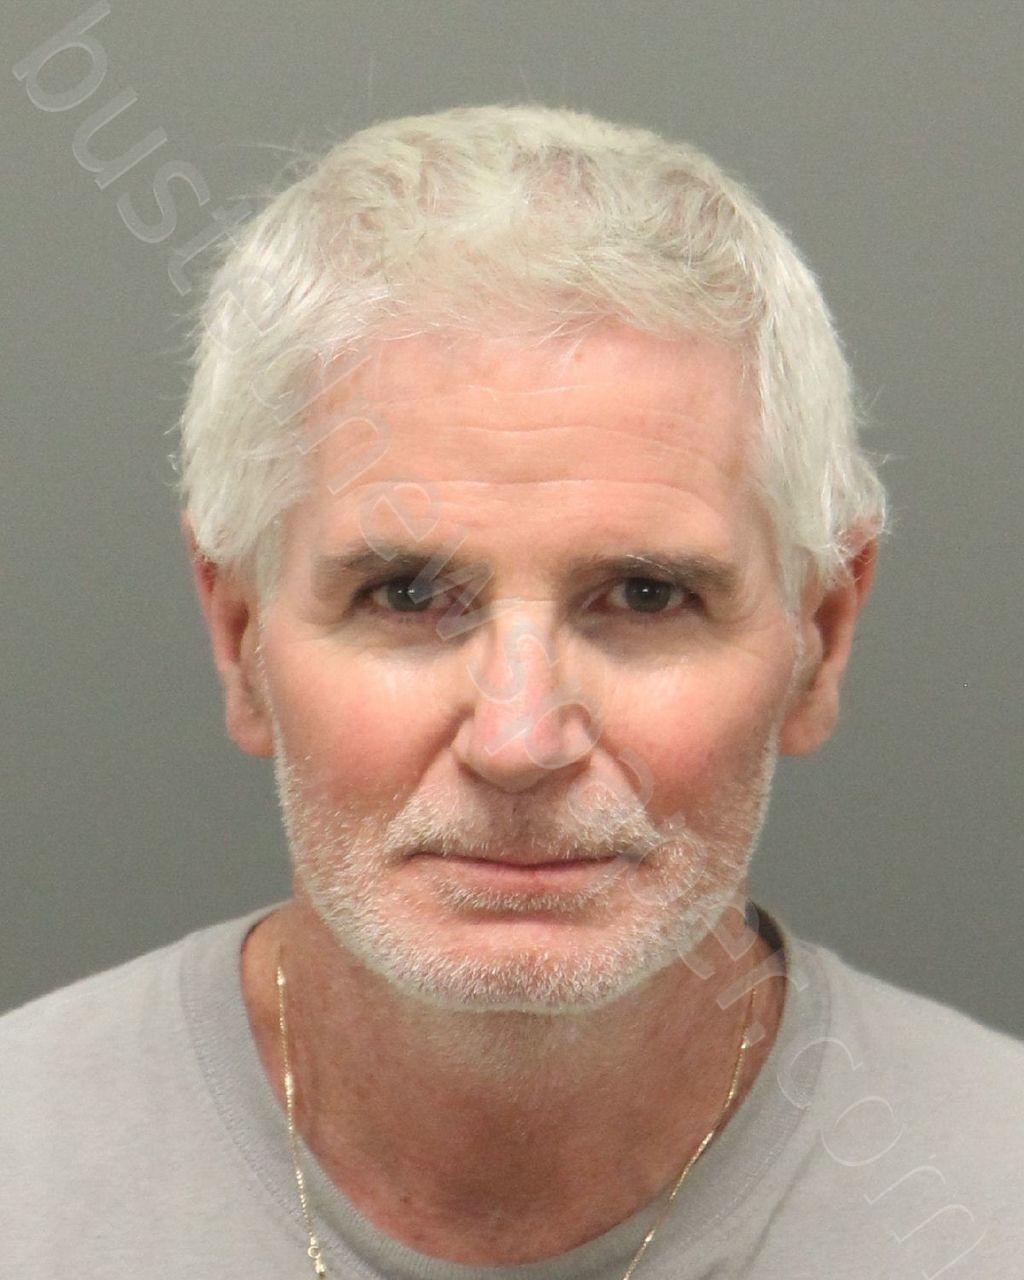 Macri, Mark Anthony Mugshot | 2021-09-07 11:59:00 St. Joseph County, Indiana Arrest